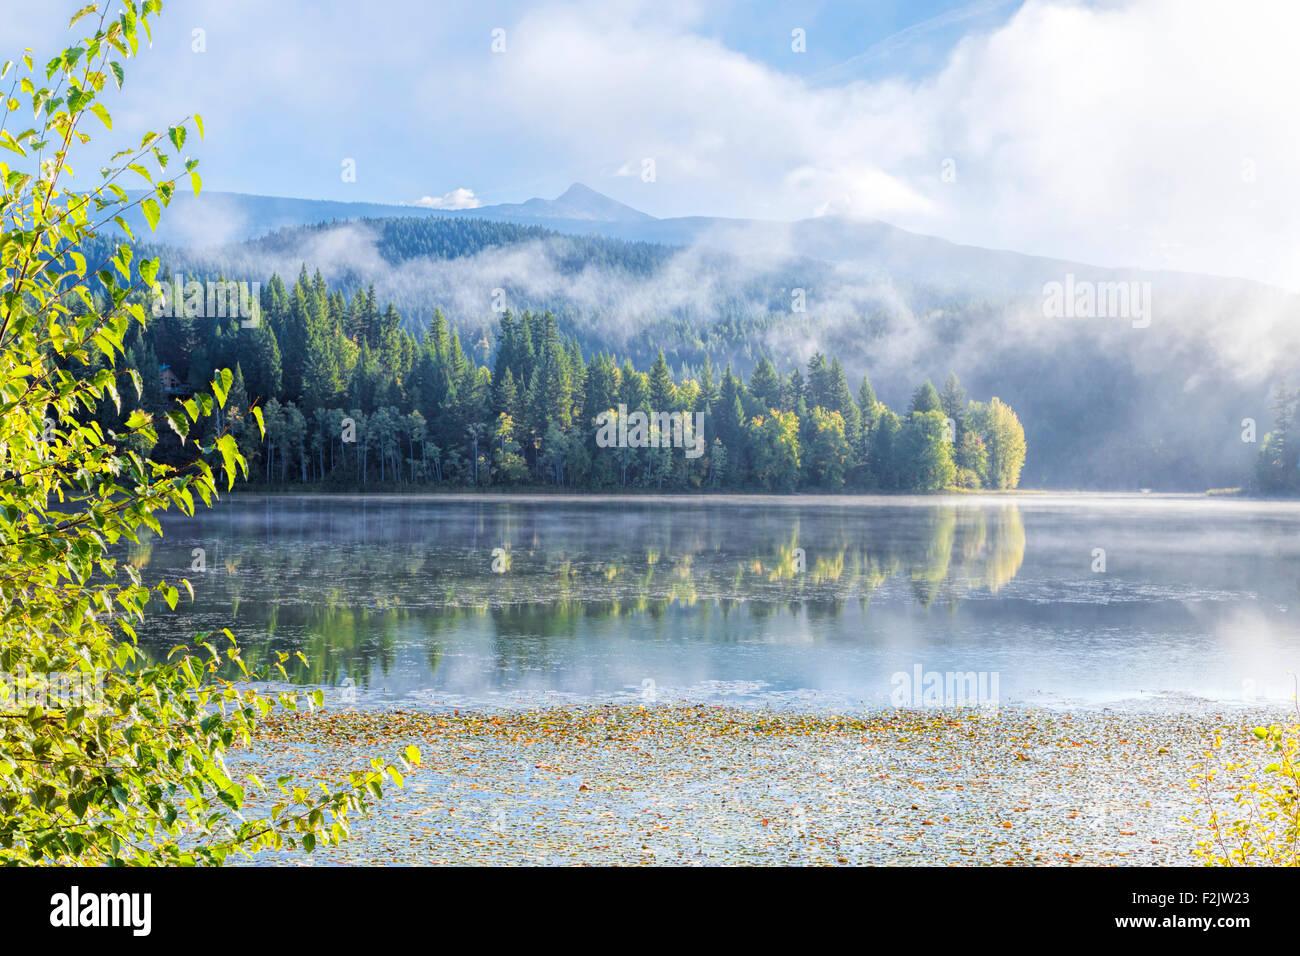 Lever de soleil brumeux et scenic reflections on Dutch Lake à Clearwater, Colombie-Britannique, Canada, Amérique du Nord. Banque D'Images